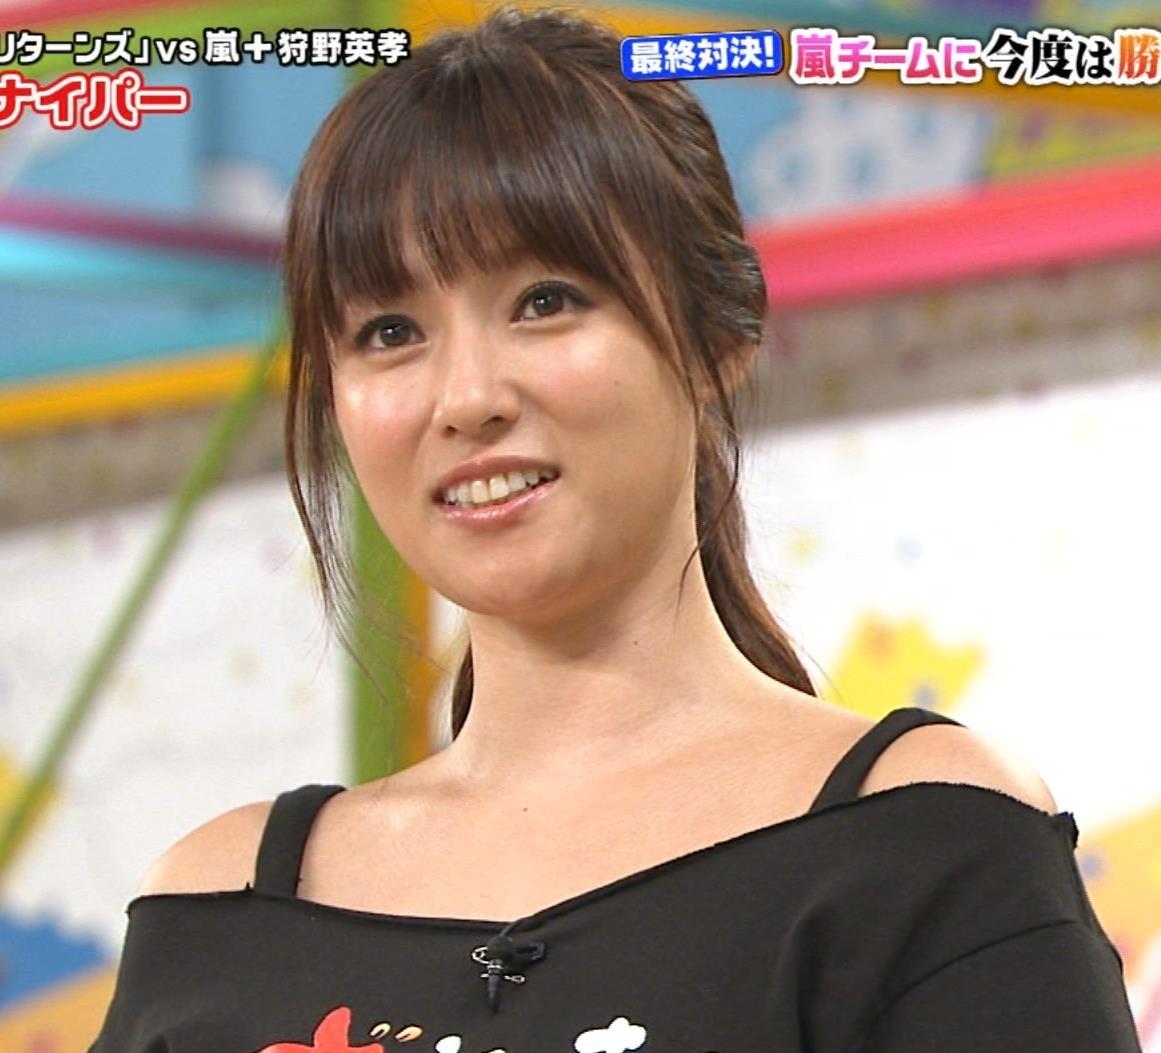 深田恭子 VS嵐で一人だけ肩を出したエロいウェアを着させられていたキャプ画像(エロ・アイコラ画像)